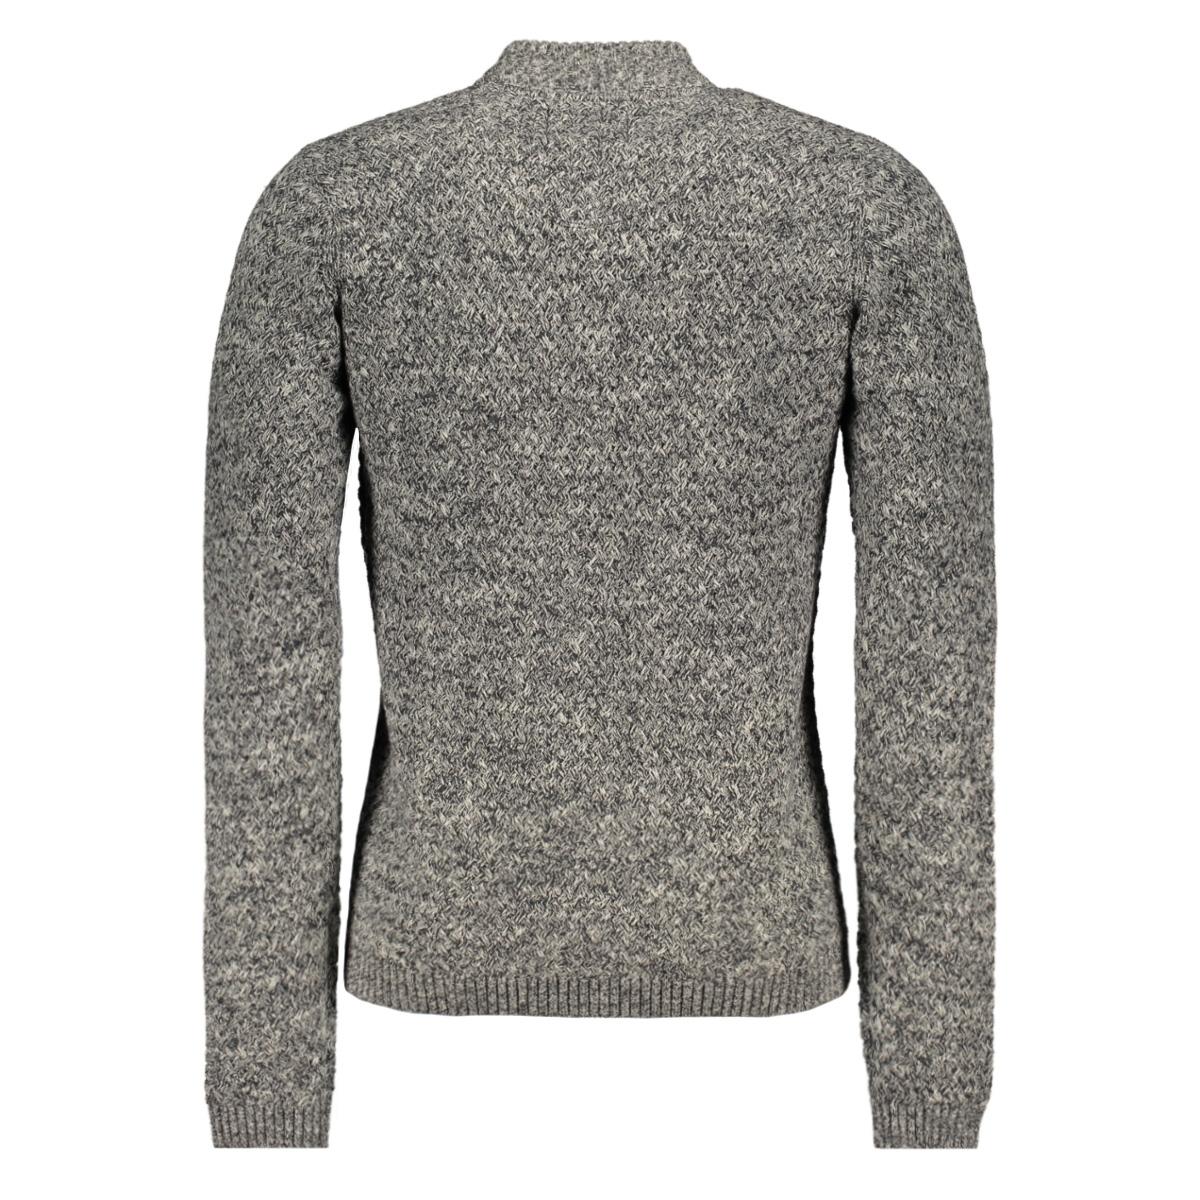 87230903 no-excess vest 013 kit